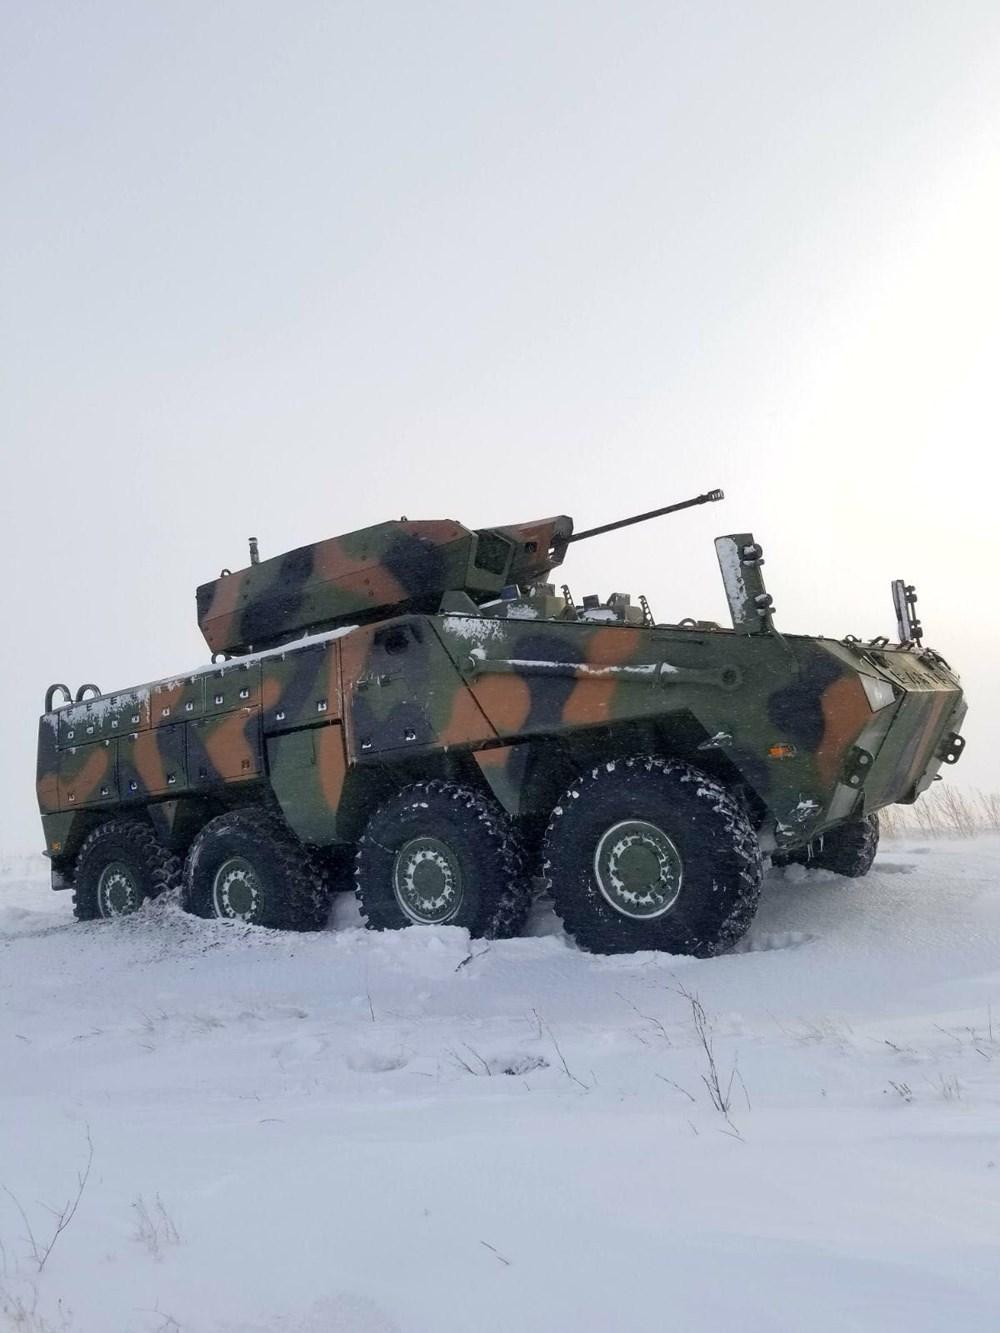 Dijital birliğin robot askeri Barkan göreve hazırlanıyor (Türkiye'nin yeni nesil yerli silahları) - 220